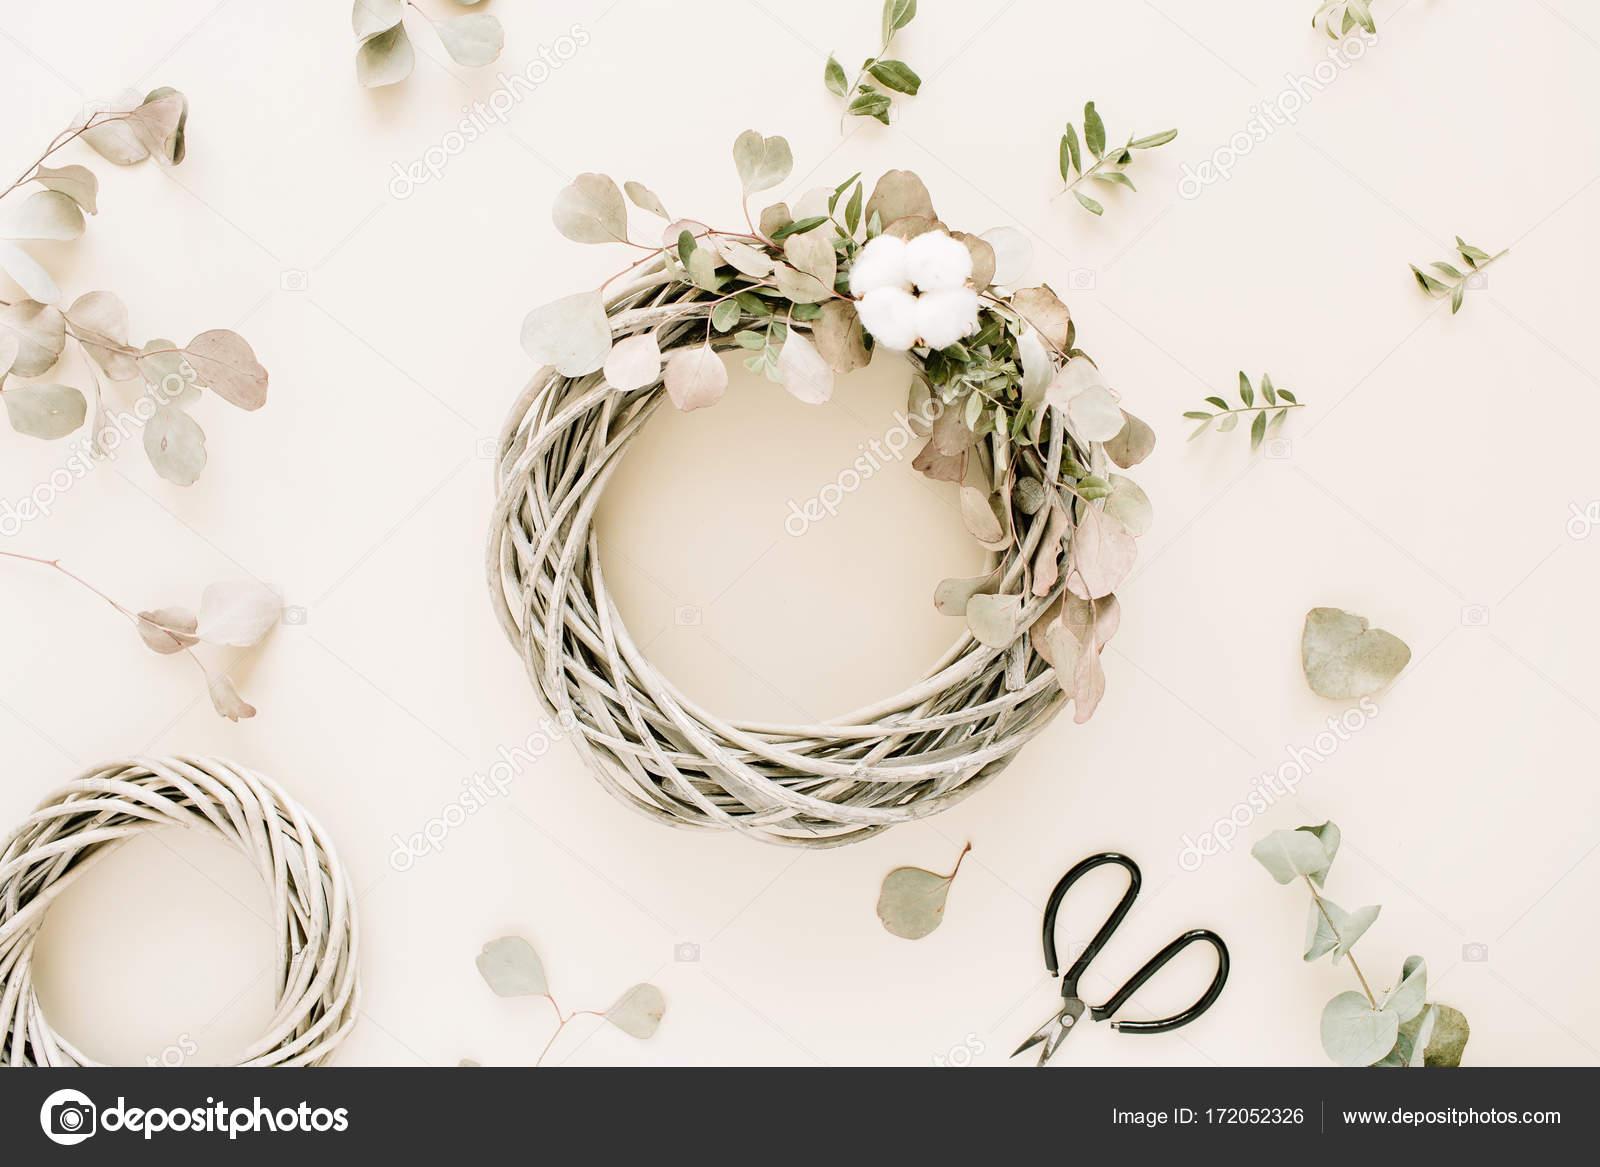 Kranz Rahmen mit Wattebällchen und Eukalyptus Zweige — Stockfoto ...